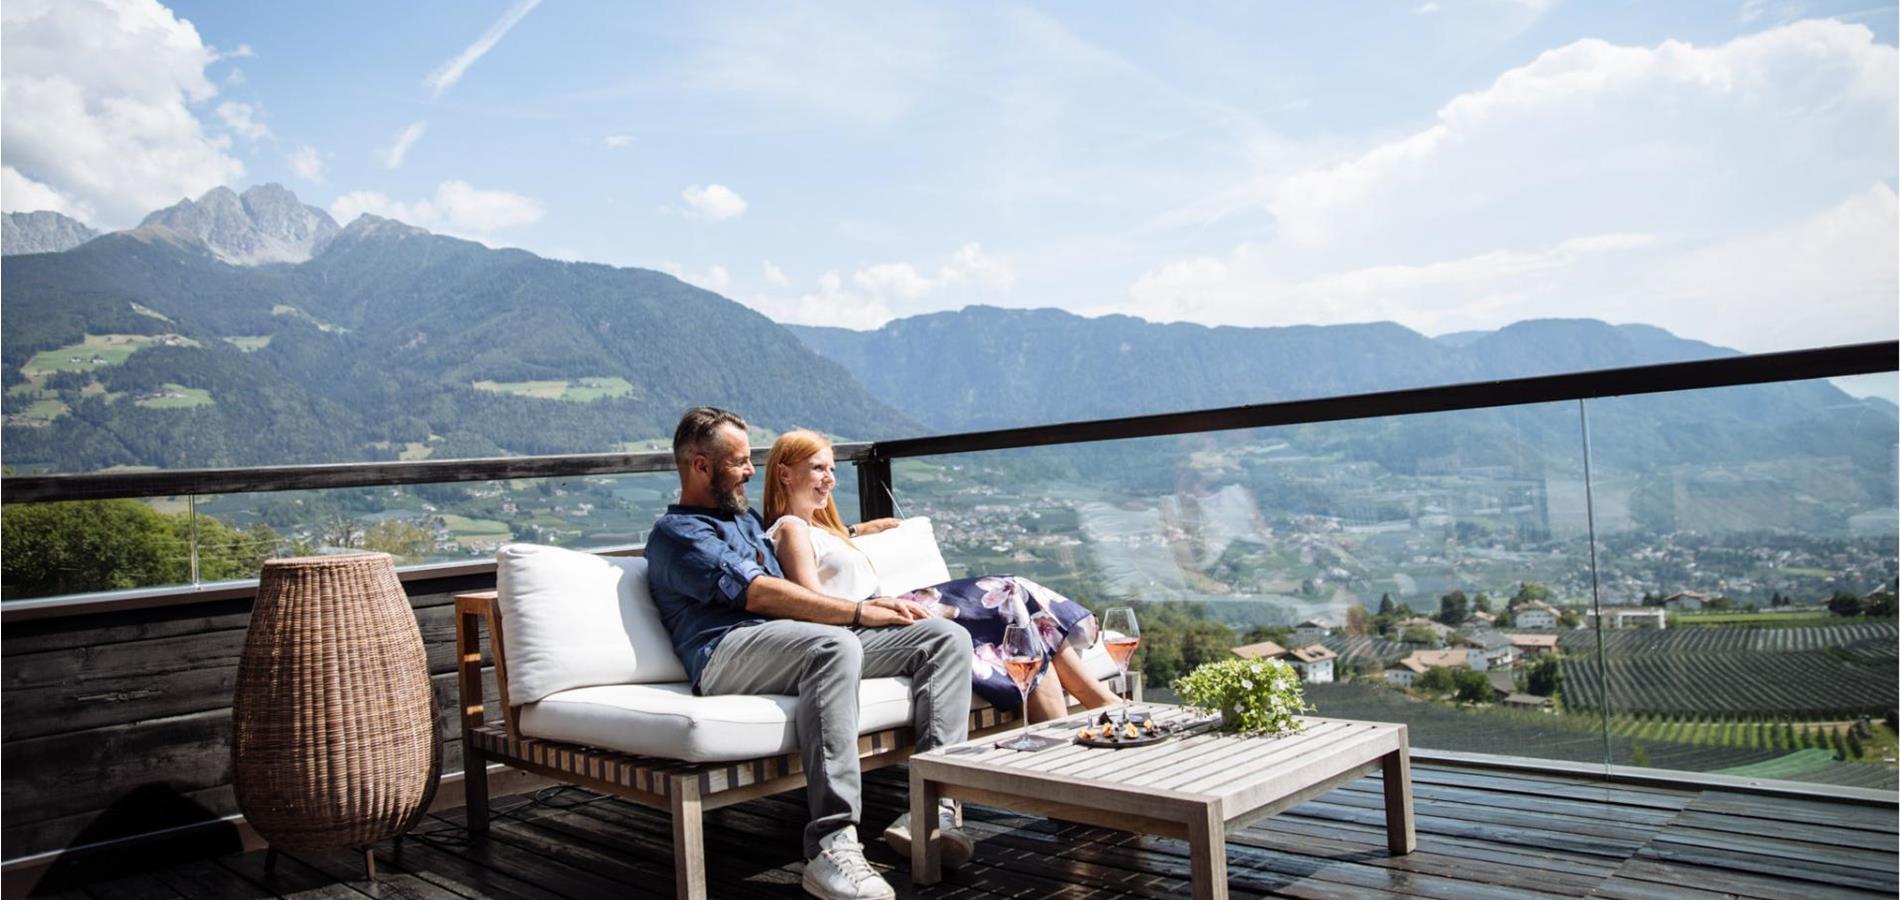 Kufsteinerland Das Tor Zu Tirol